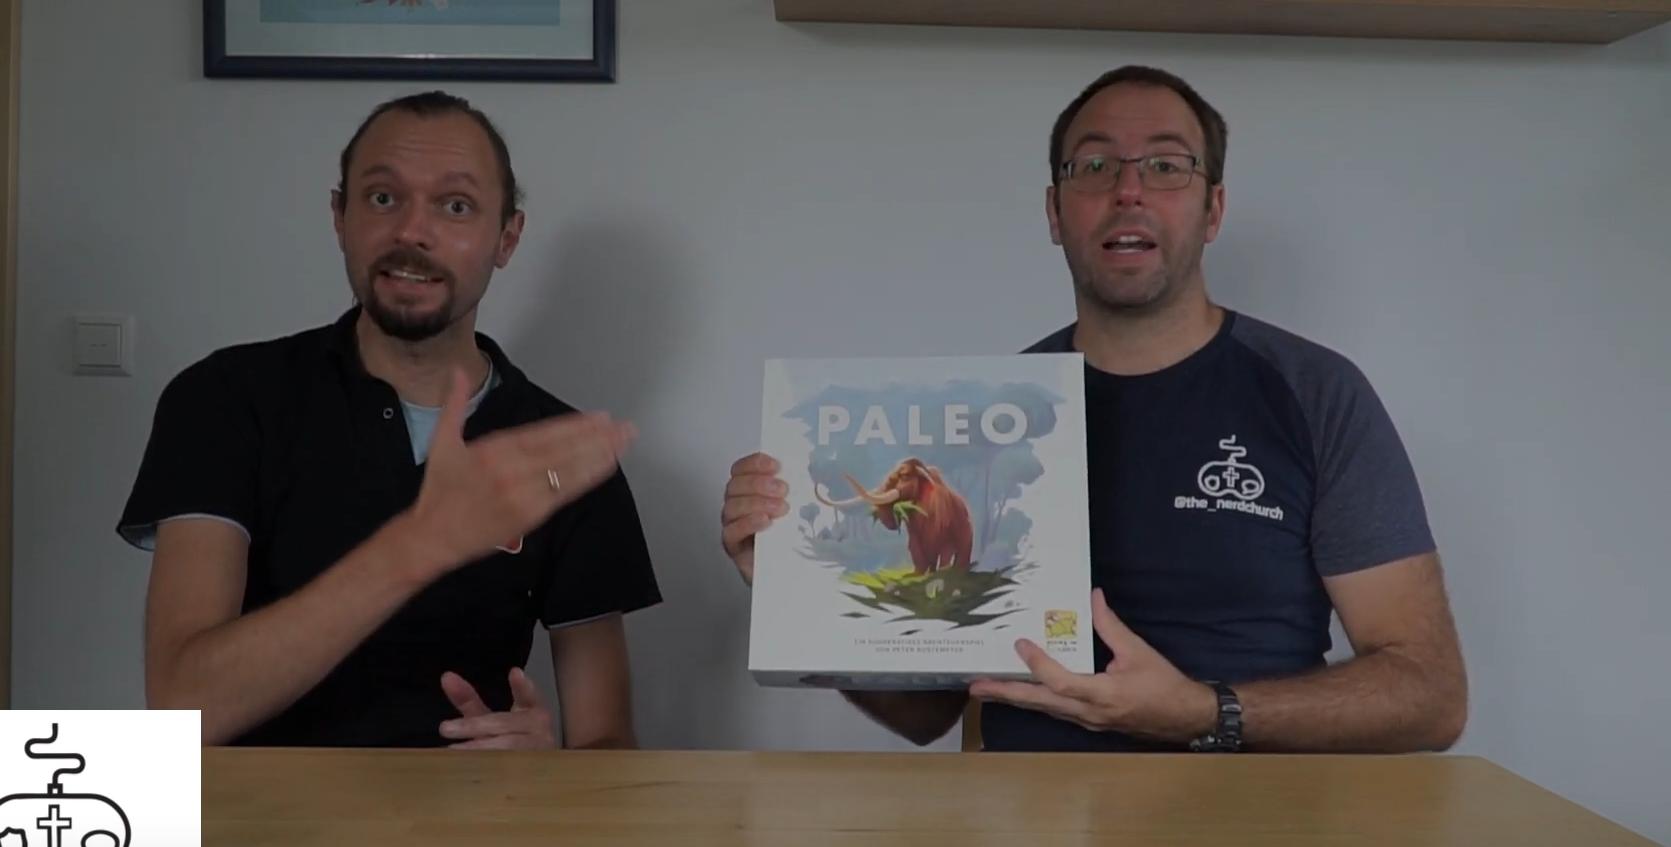 Das theologisch wertvolle Spiel: Paleo – Kennerspiel des Jahres 2021